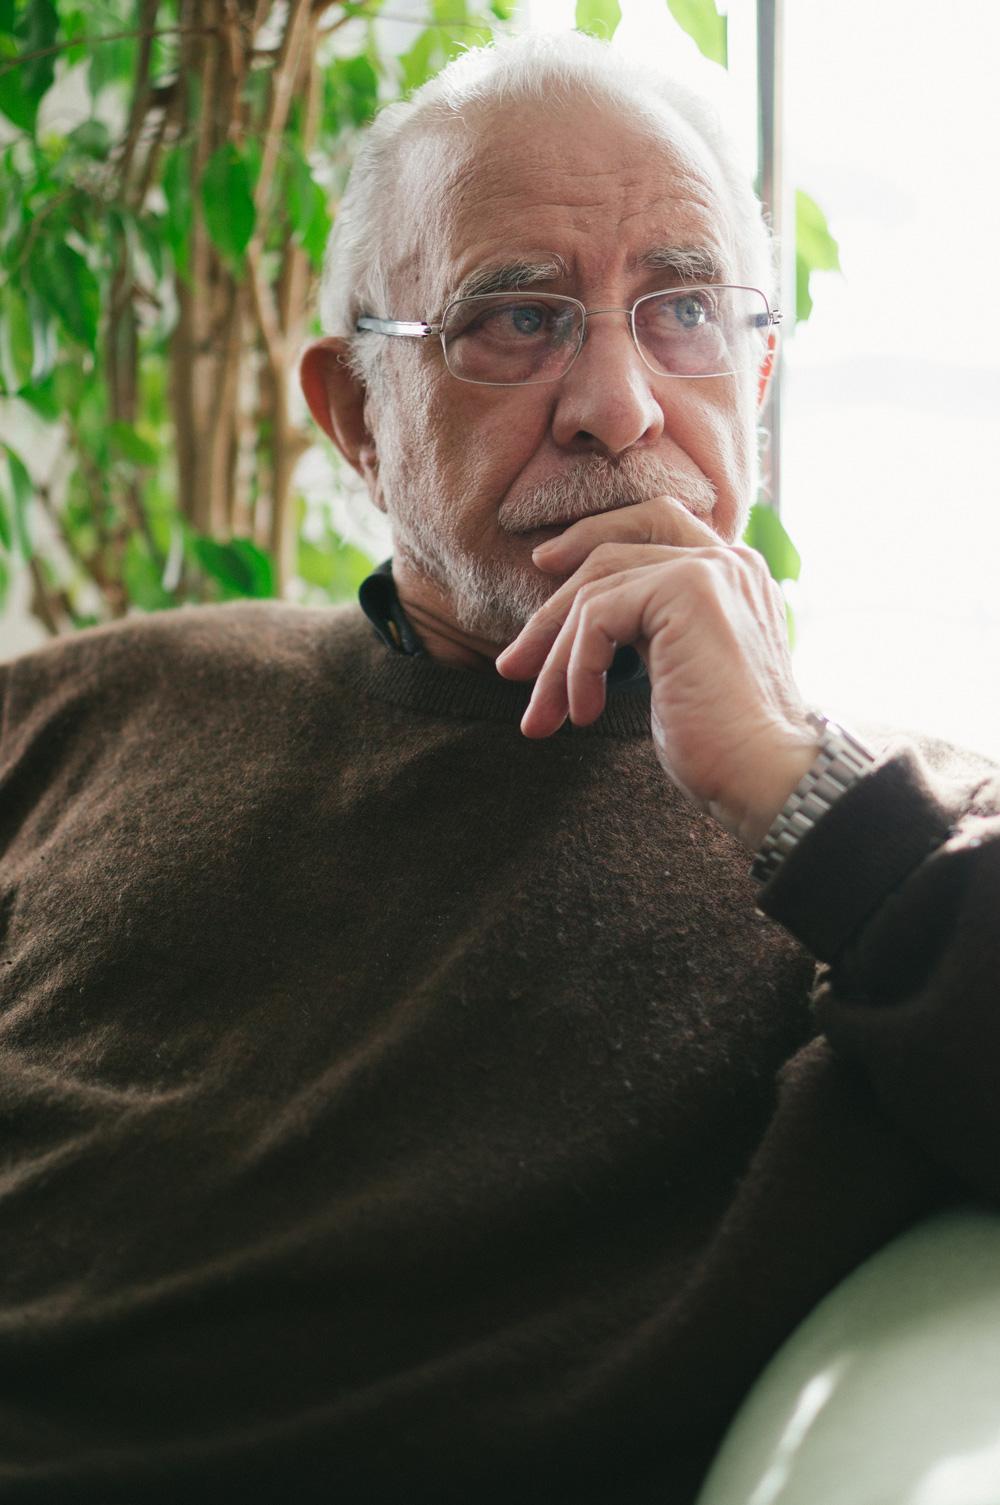 José María Merino por Nacho Goberna © 2015